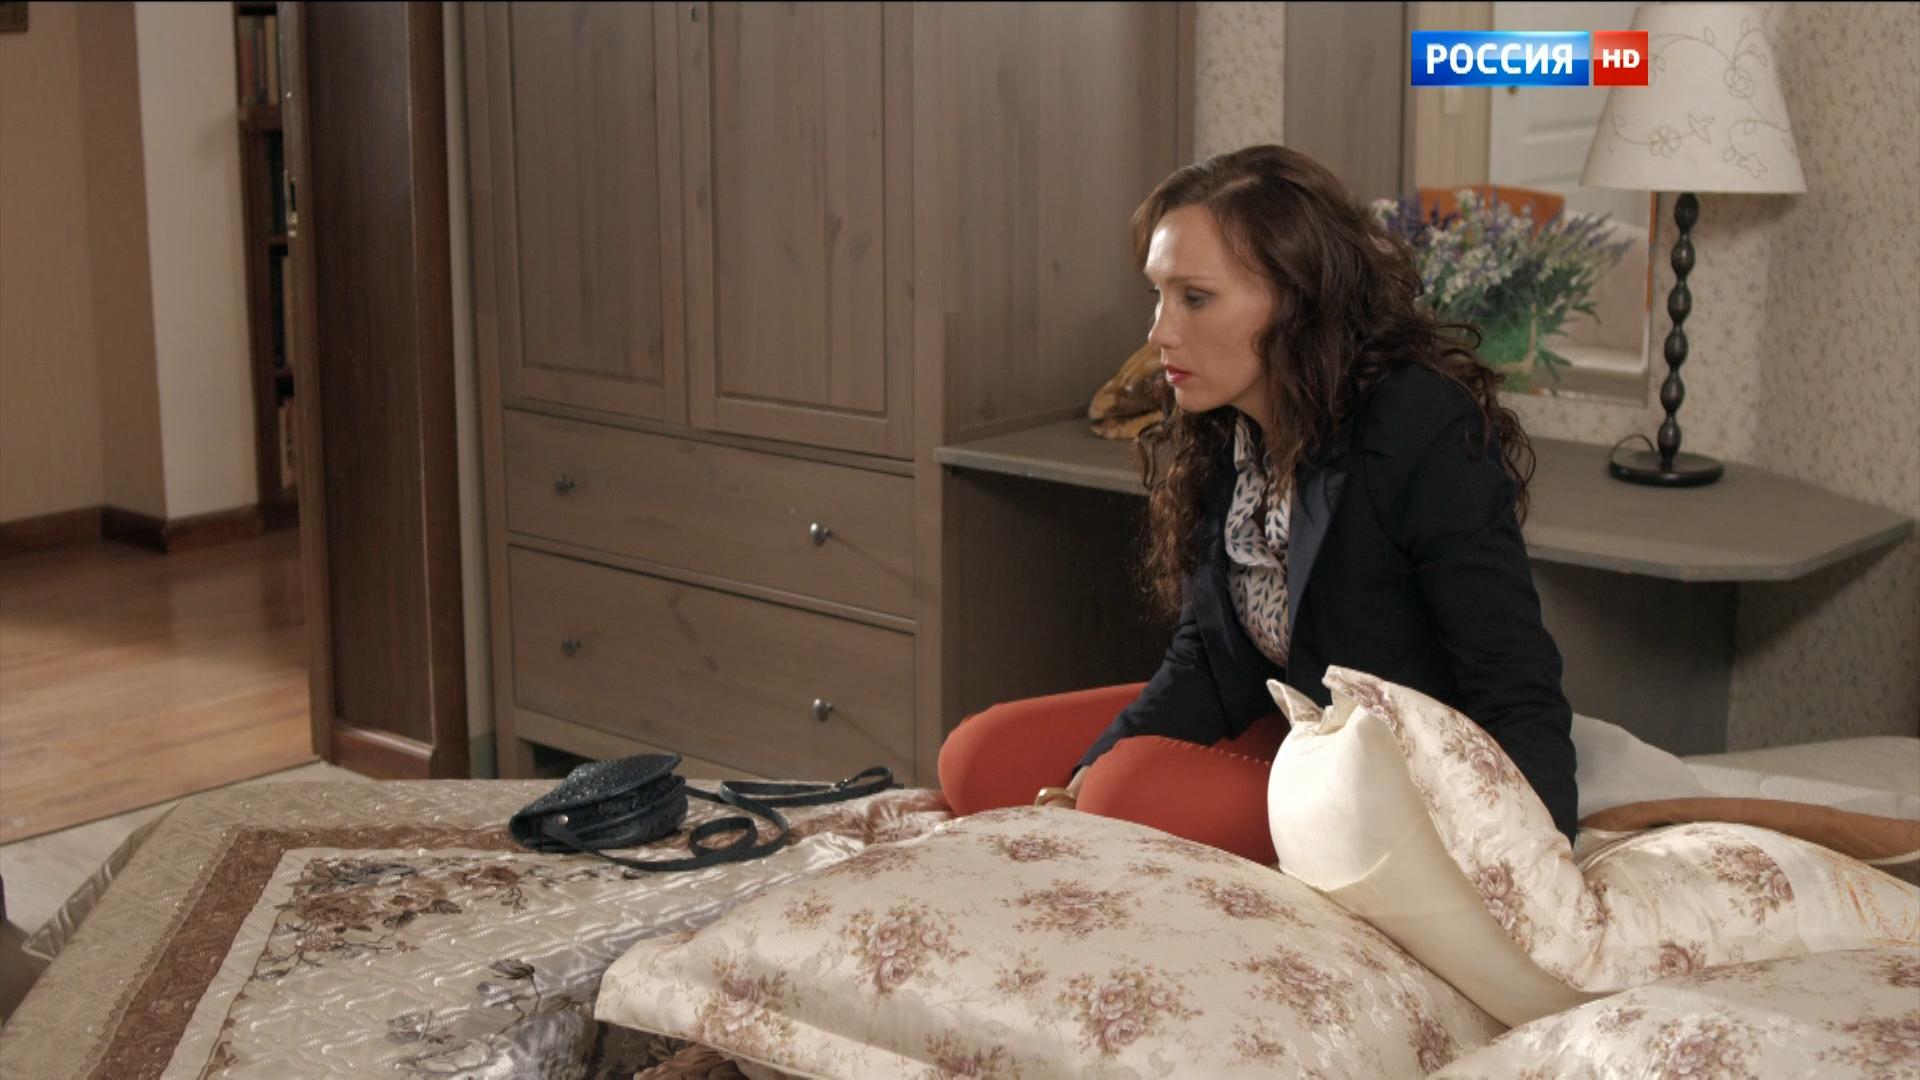 Некрасивая любовь 2015 HDTV 1080i.ts_snapshot_00.58.29_[2016.01.22_10.02.17].png